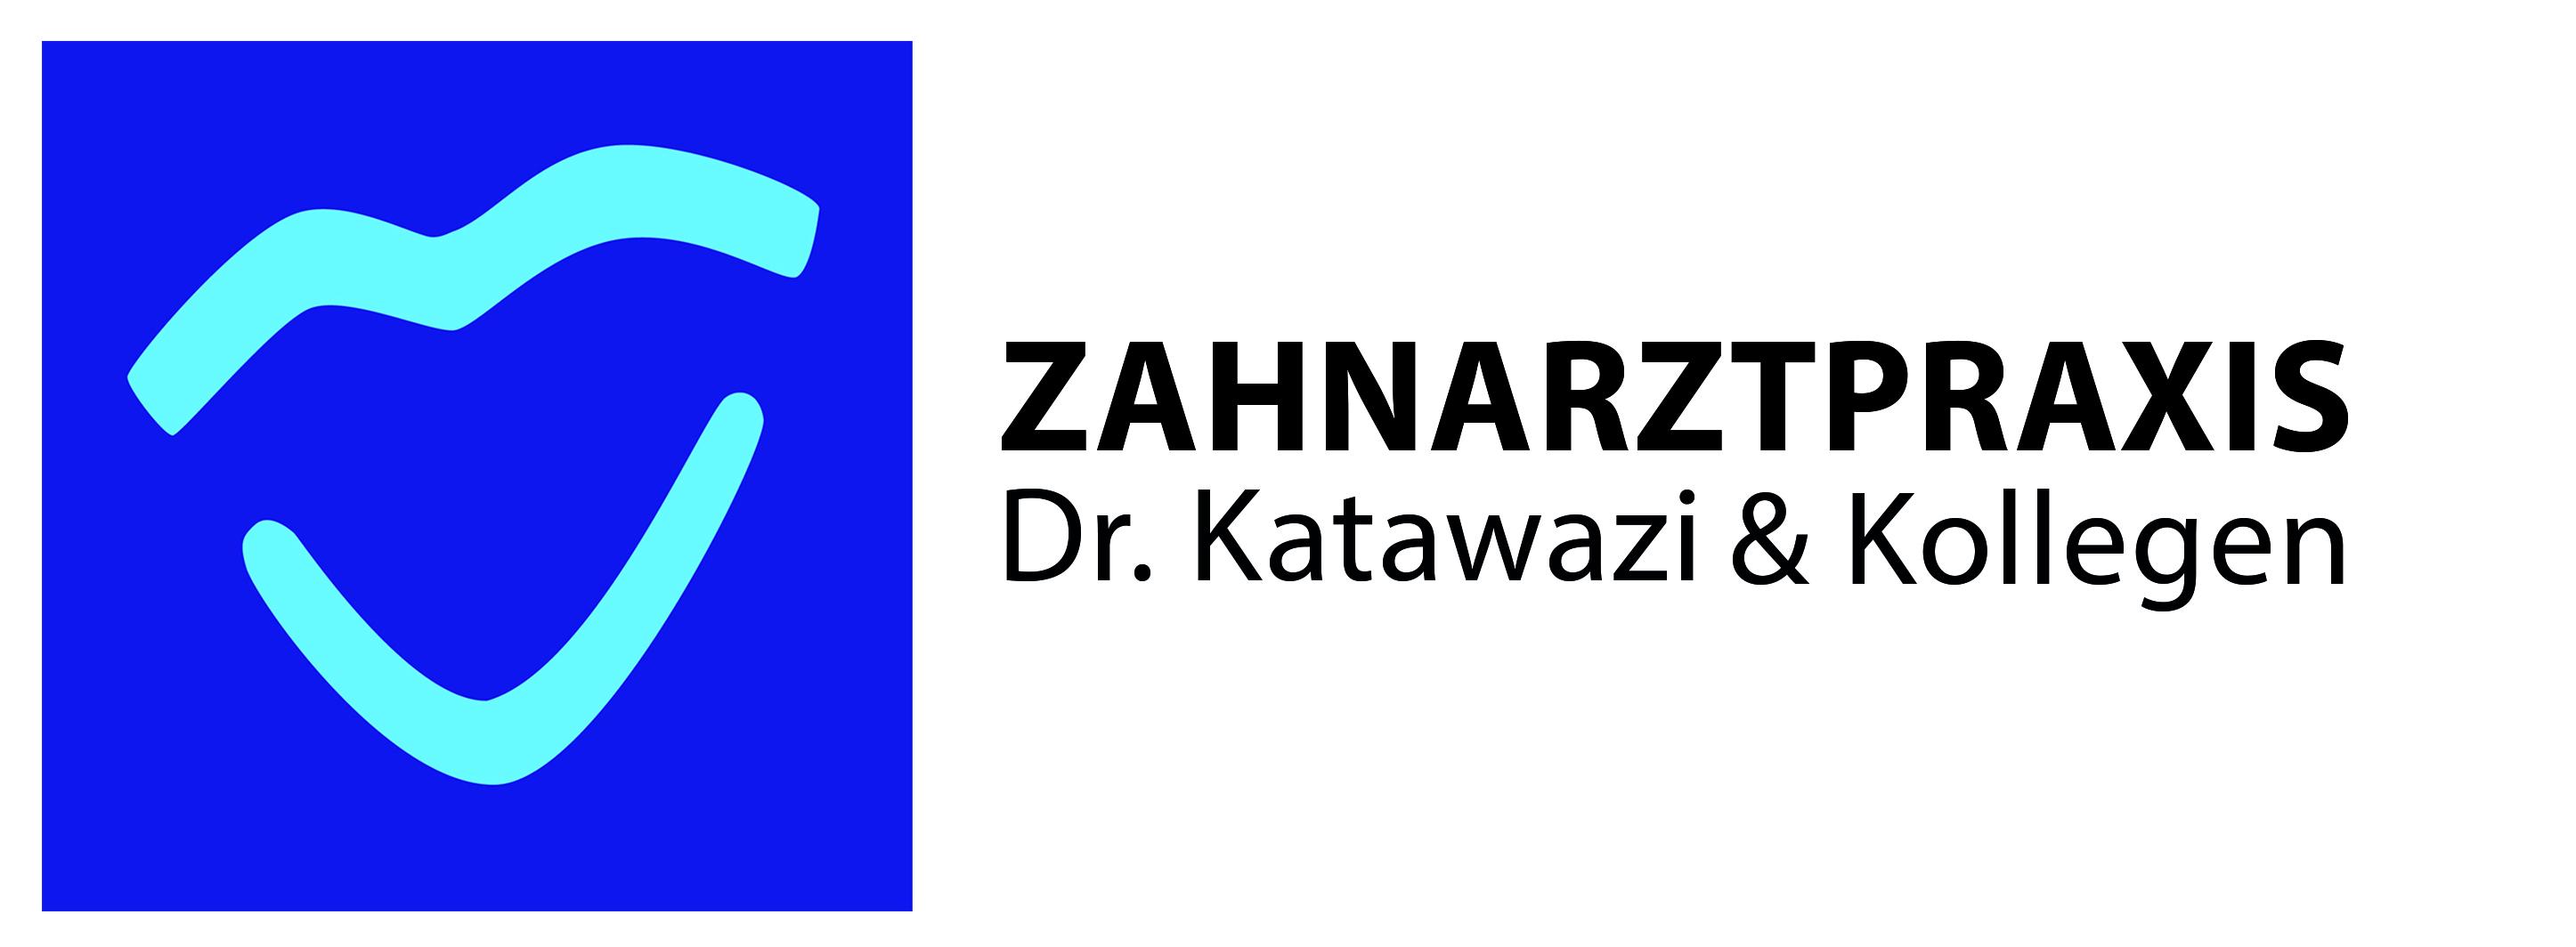 Zahnarztpraxis Itzehoe